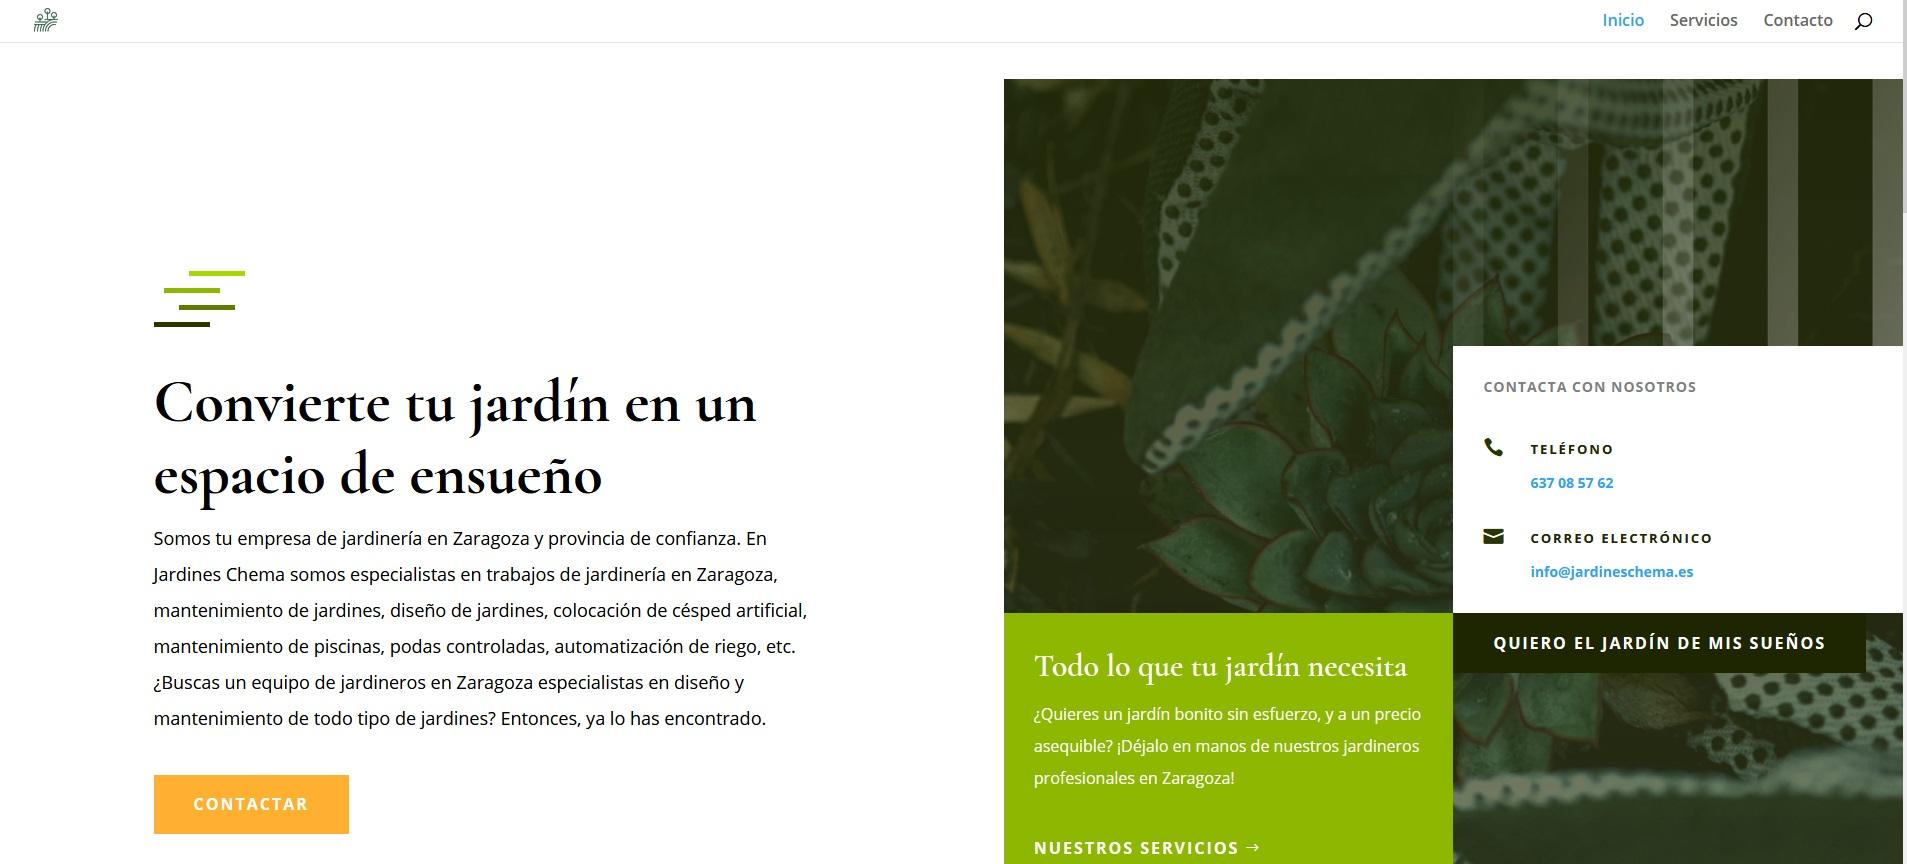 Academiazaragoza.es, página web hecha por la agencia de marketing en Zaragoza ComuniCrece